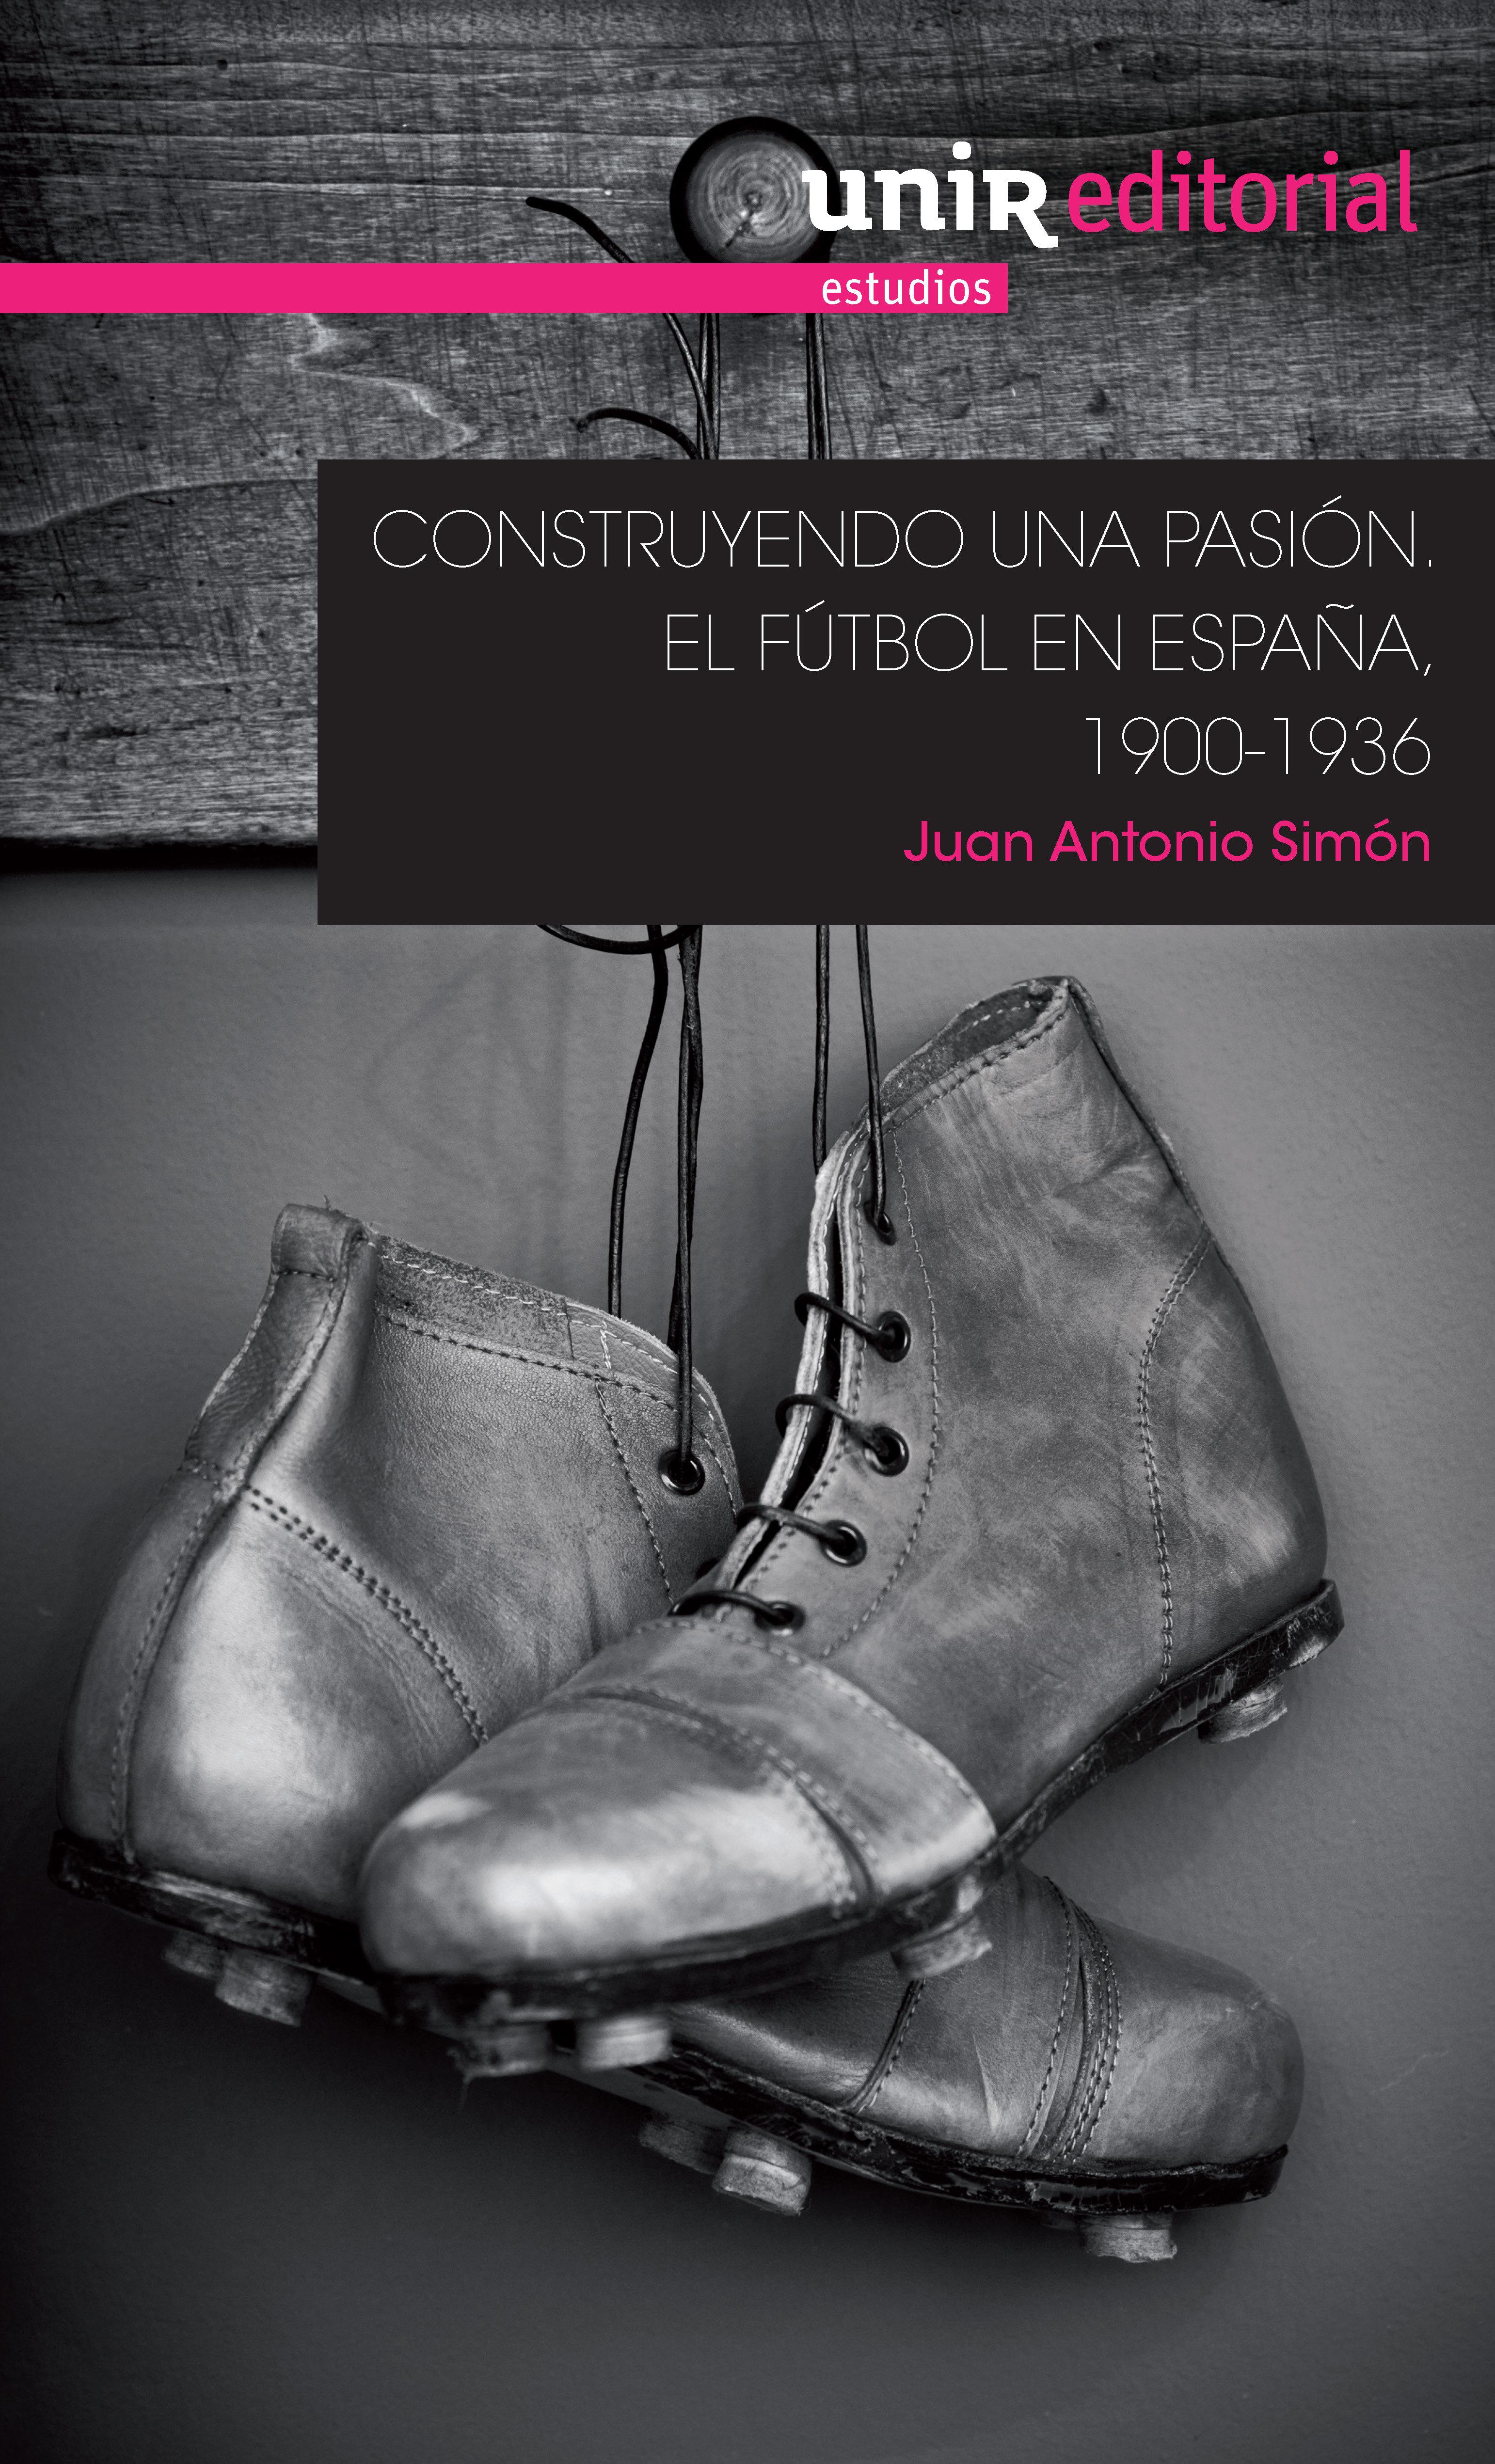 CONSTRUYENDO UNA PASIÓN. EL FÚTBOL EN ESPAÑA, 1900-1936